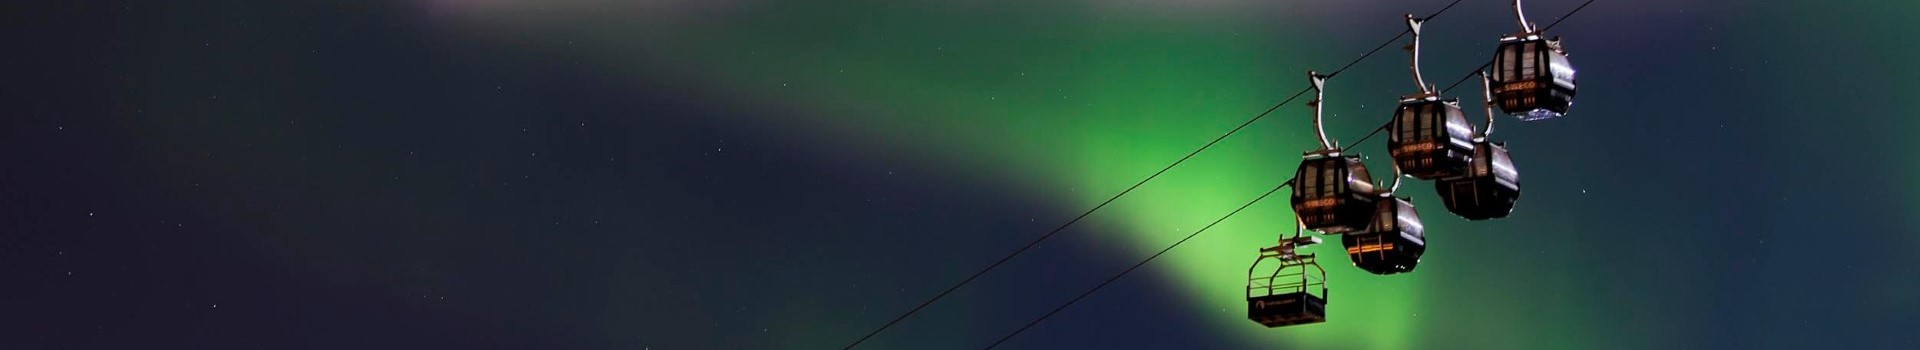 11Narvik Seilbahn im Nordlicht